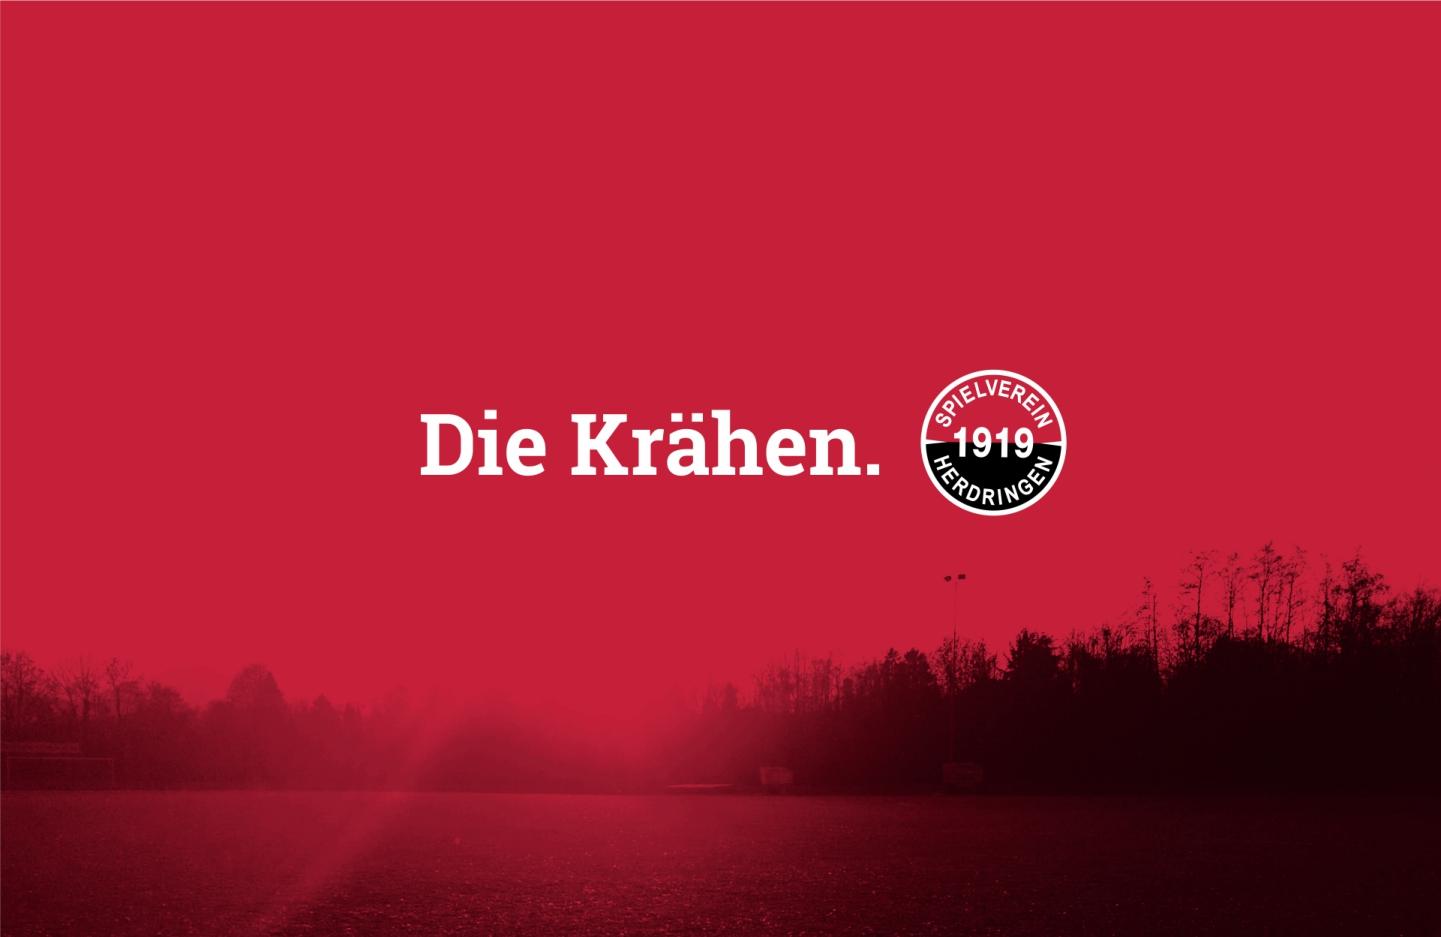 herdringen-logo19-kraehen